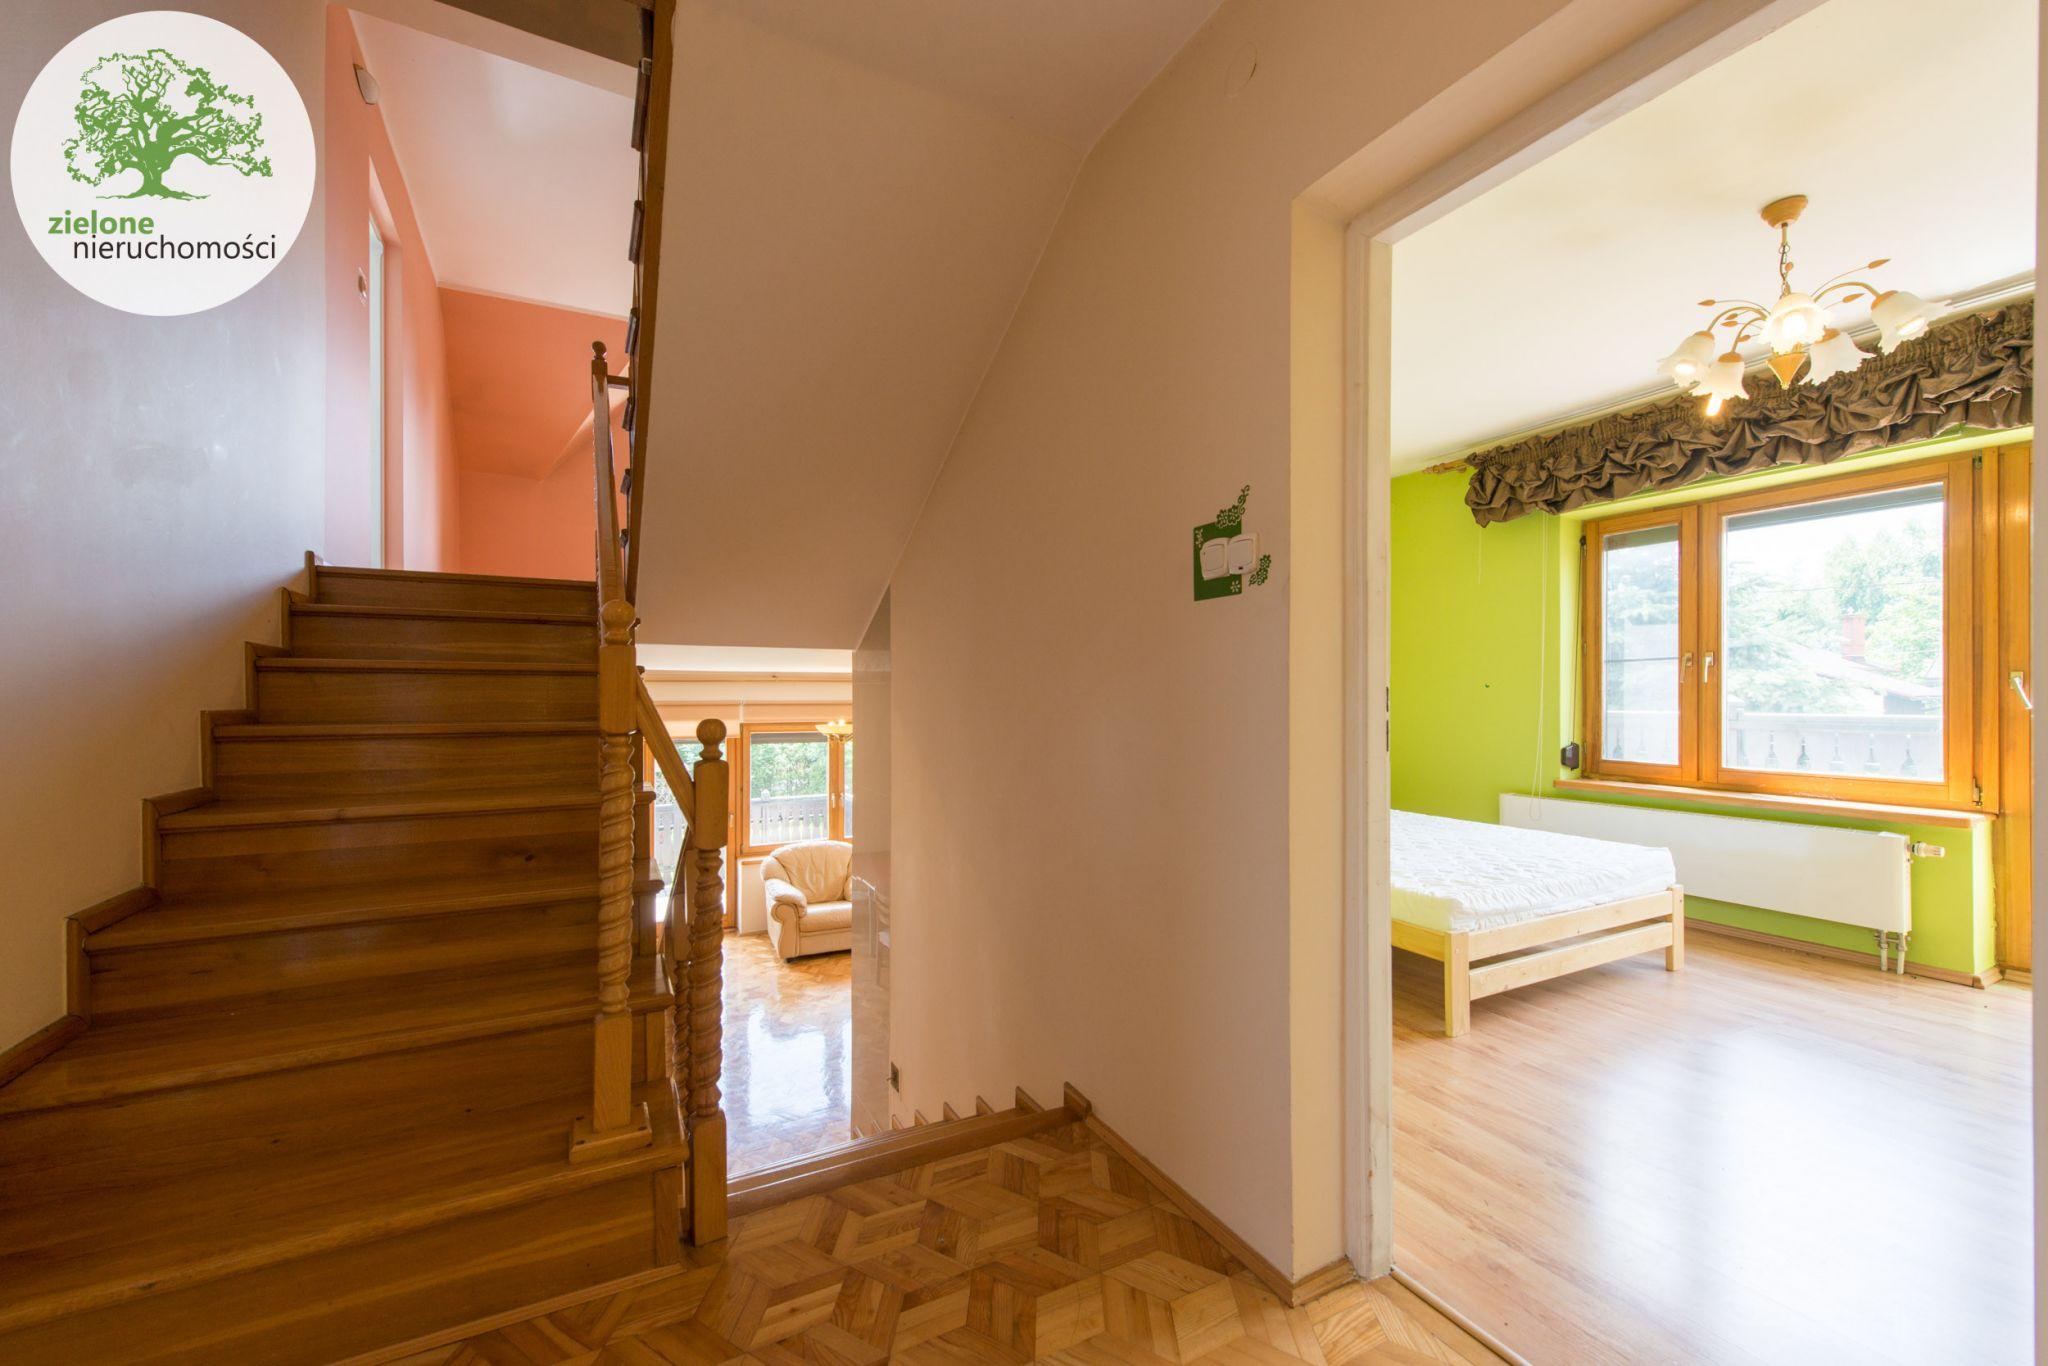 Zdjęcie 812 pokoi, dom dla dużej rodziny lub na firmę